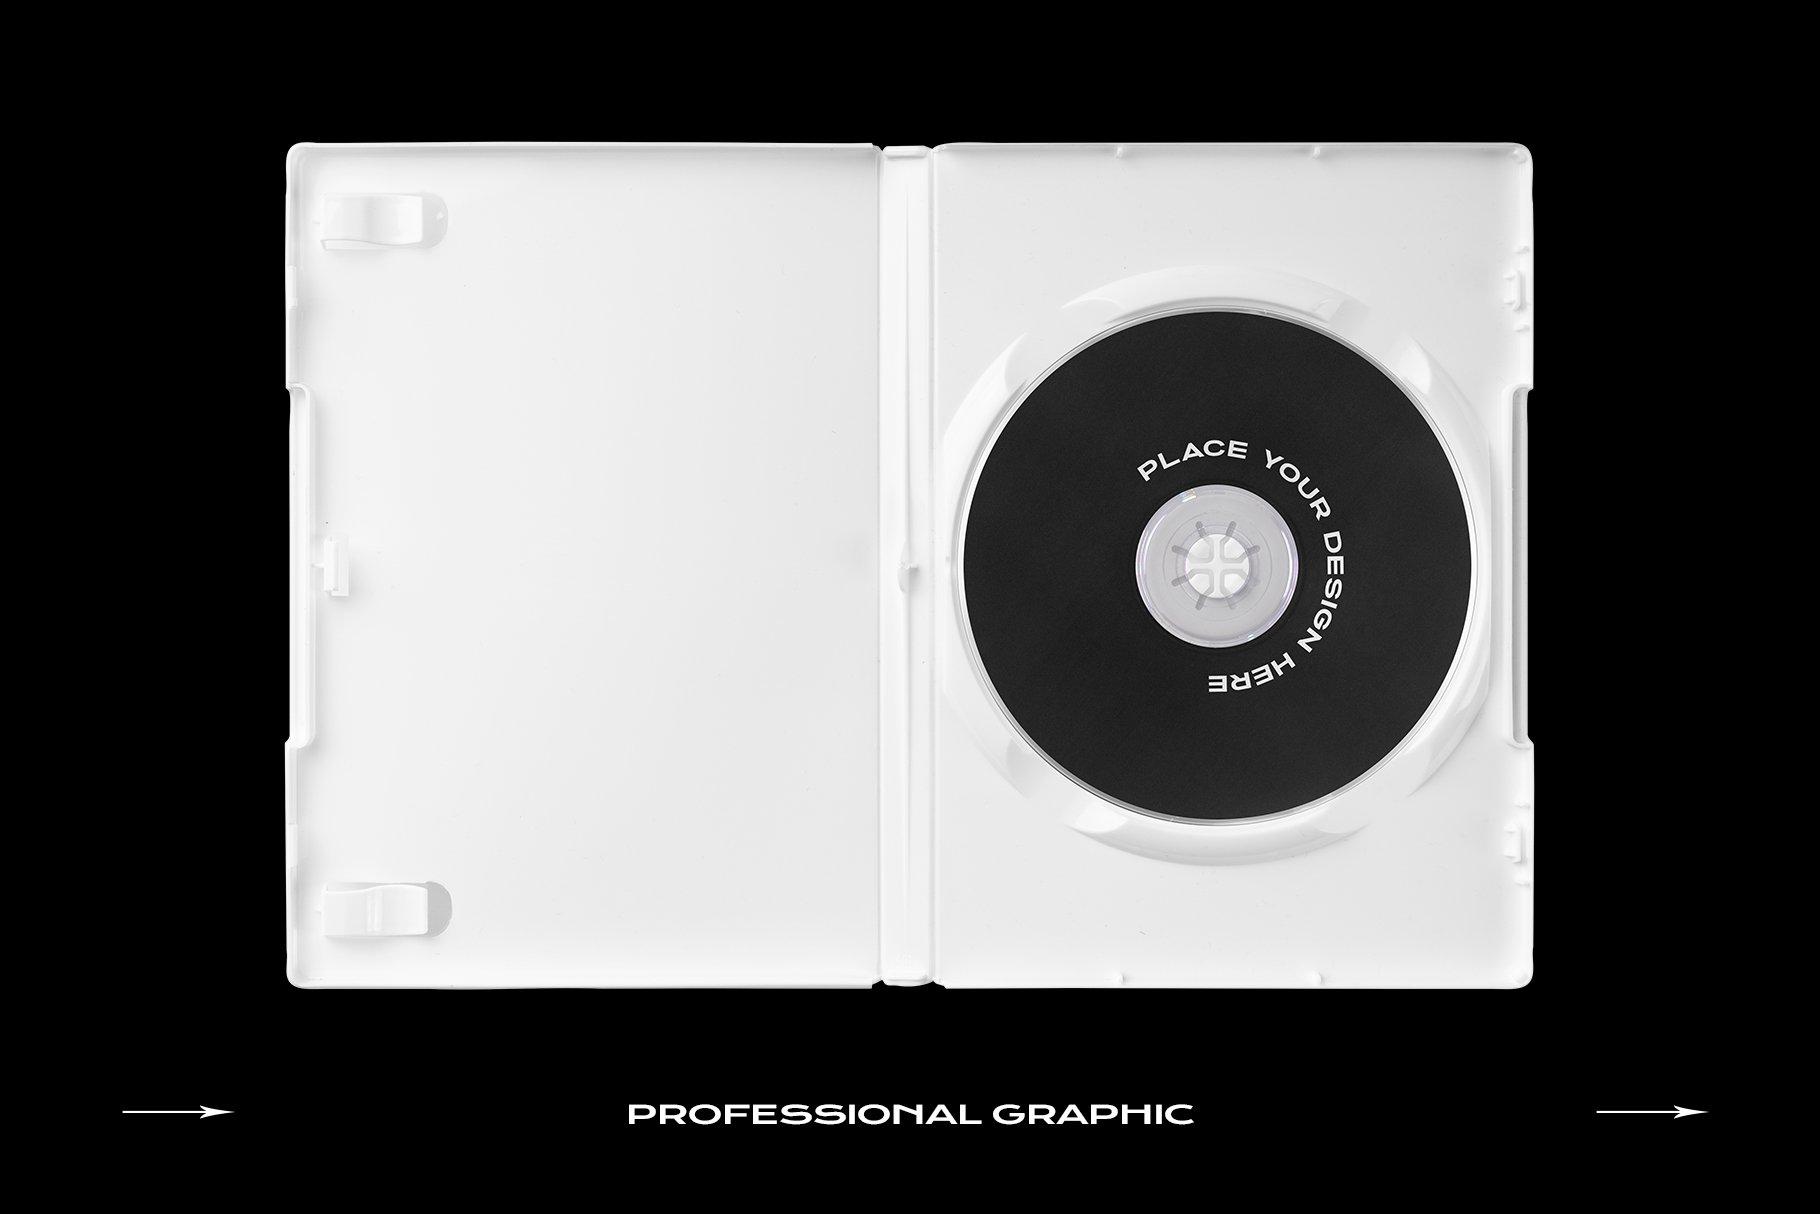 [淘宝购买] 60个DVD光盘包装盒塑料袋塑料膜贴纸样机PS设计素材 DVD Case Mockup Template Bundle Disc插图(11)